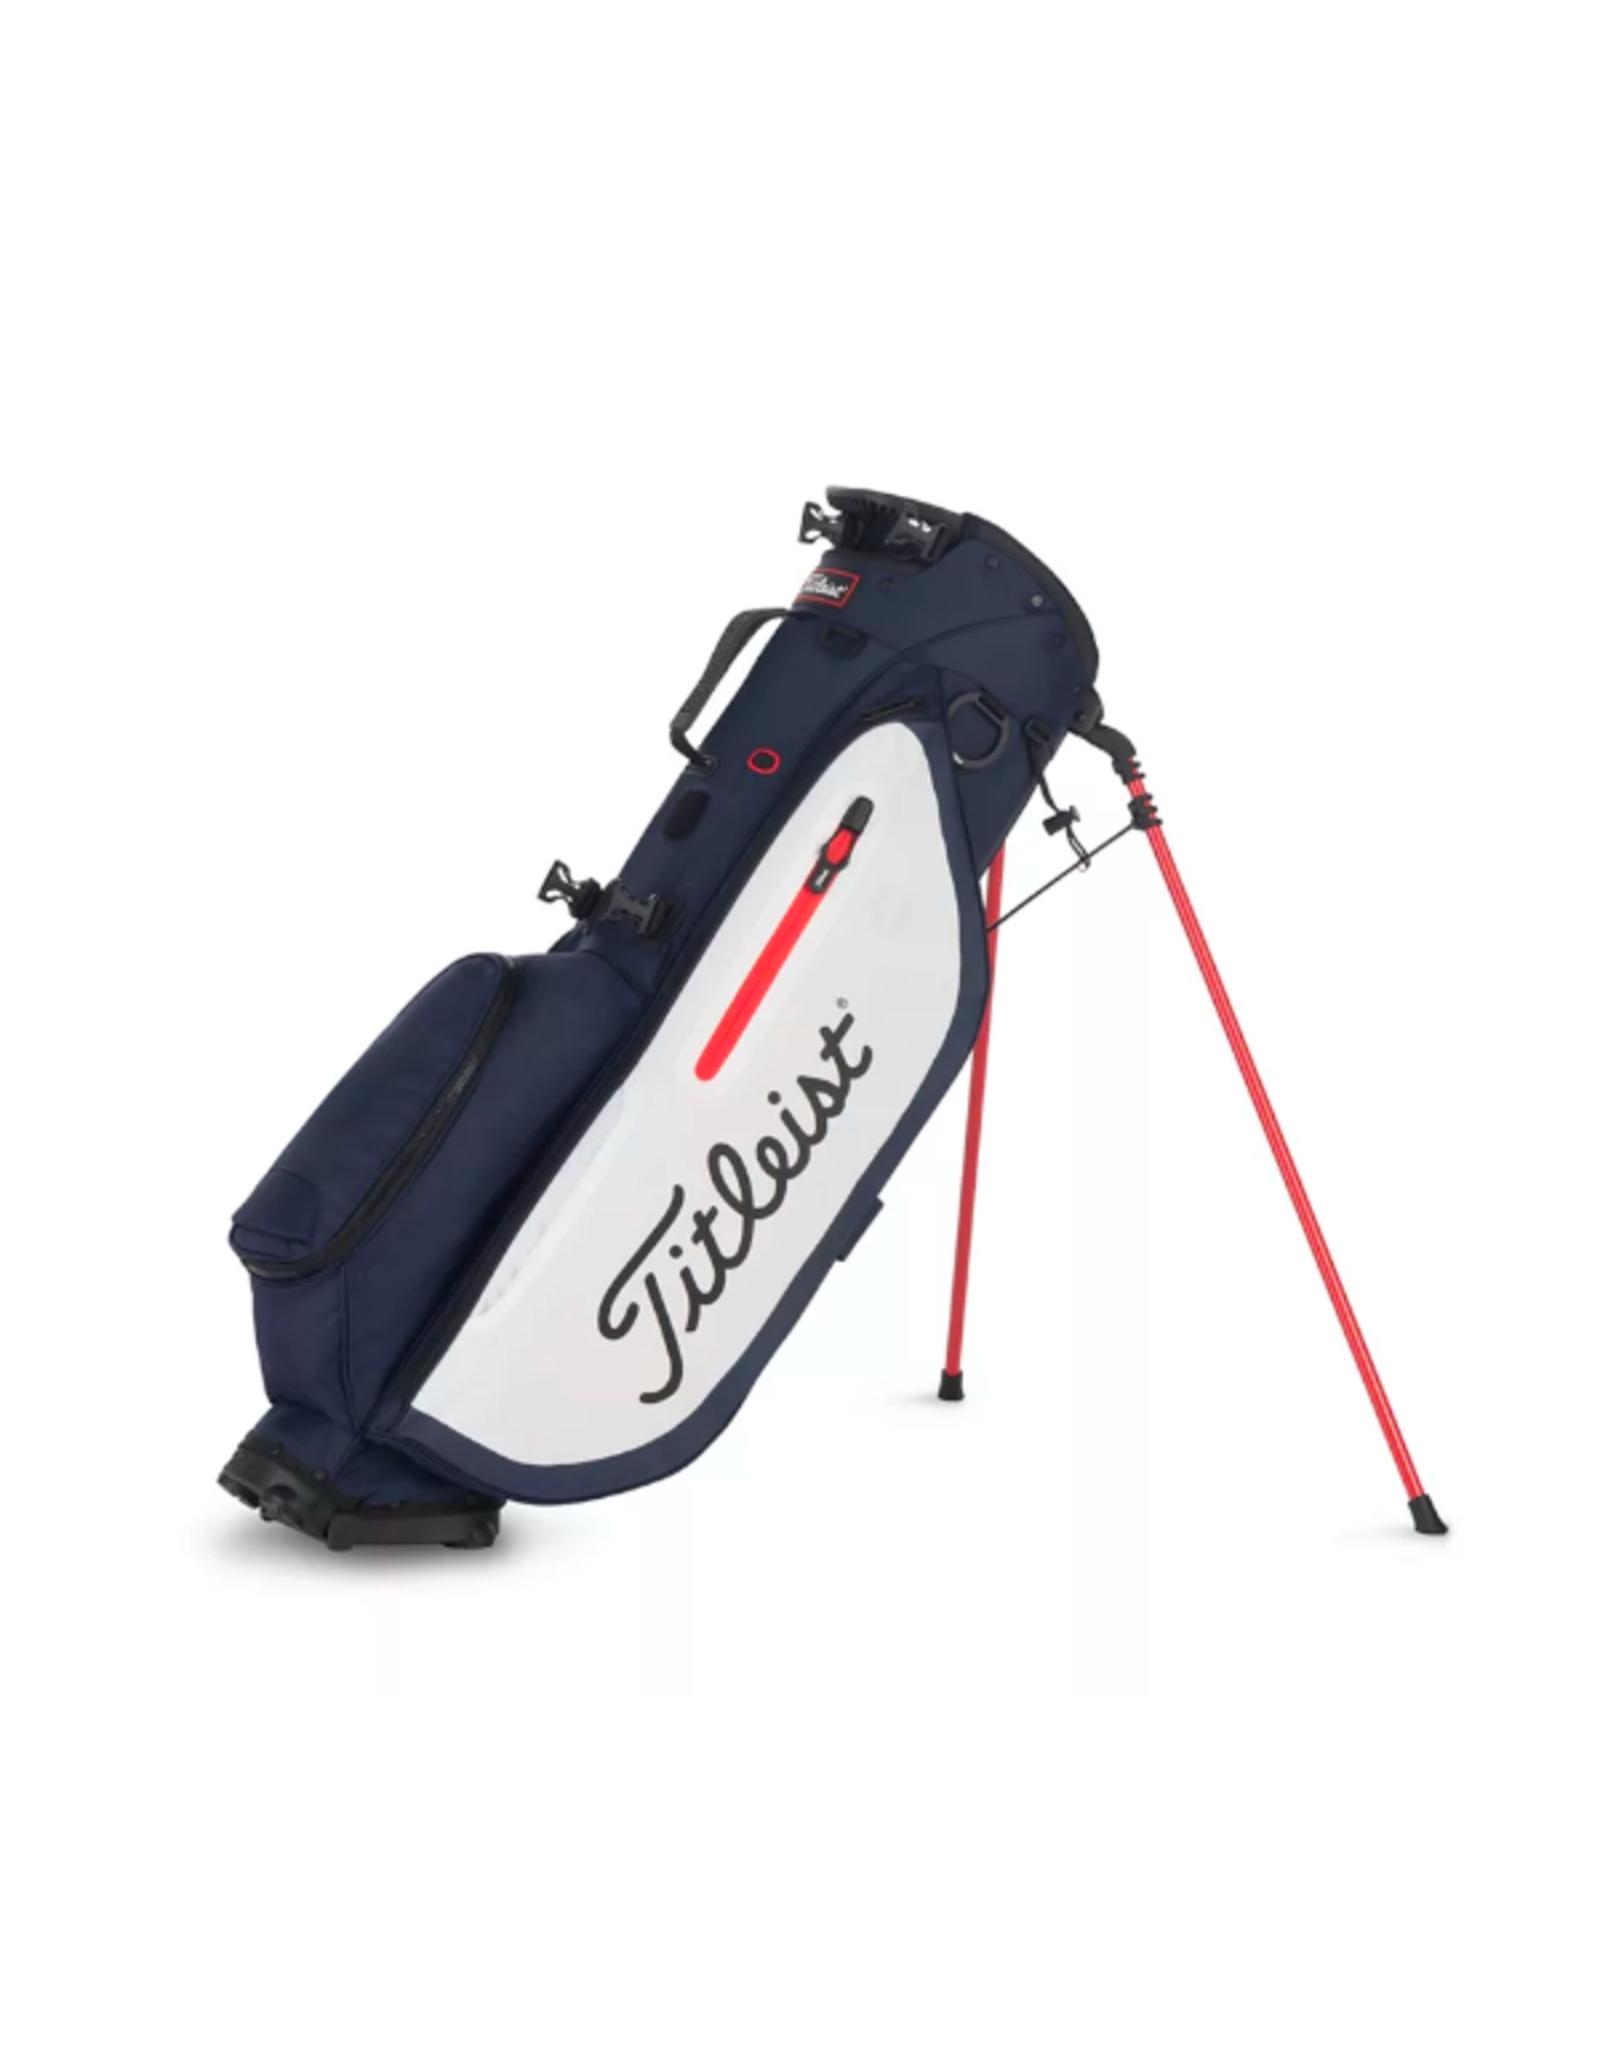 Titleist Titleist Players 4 Stand Bag